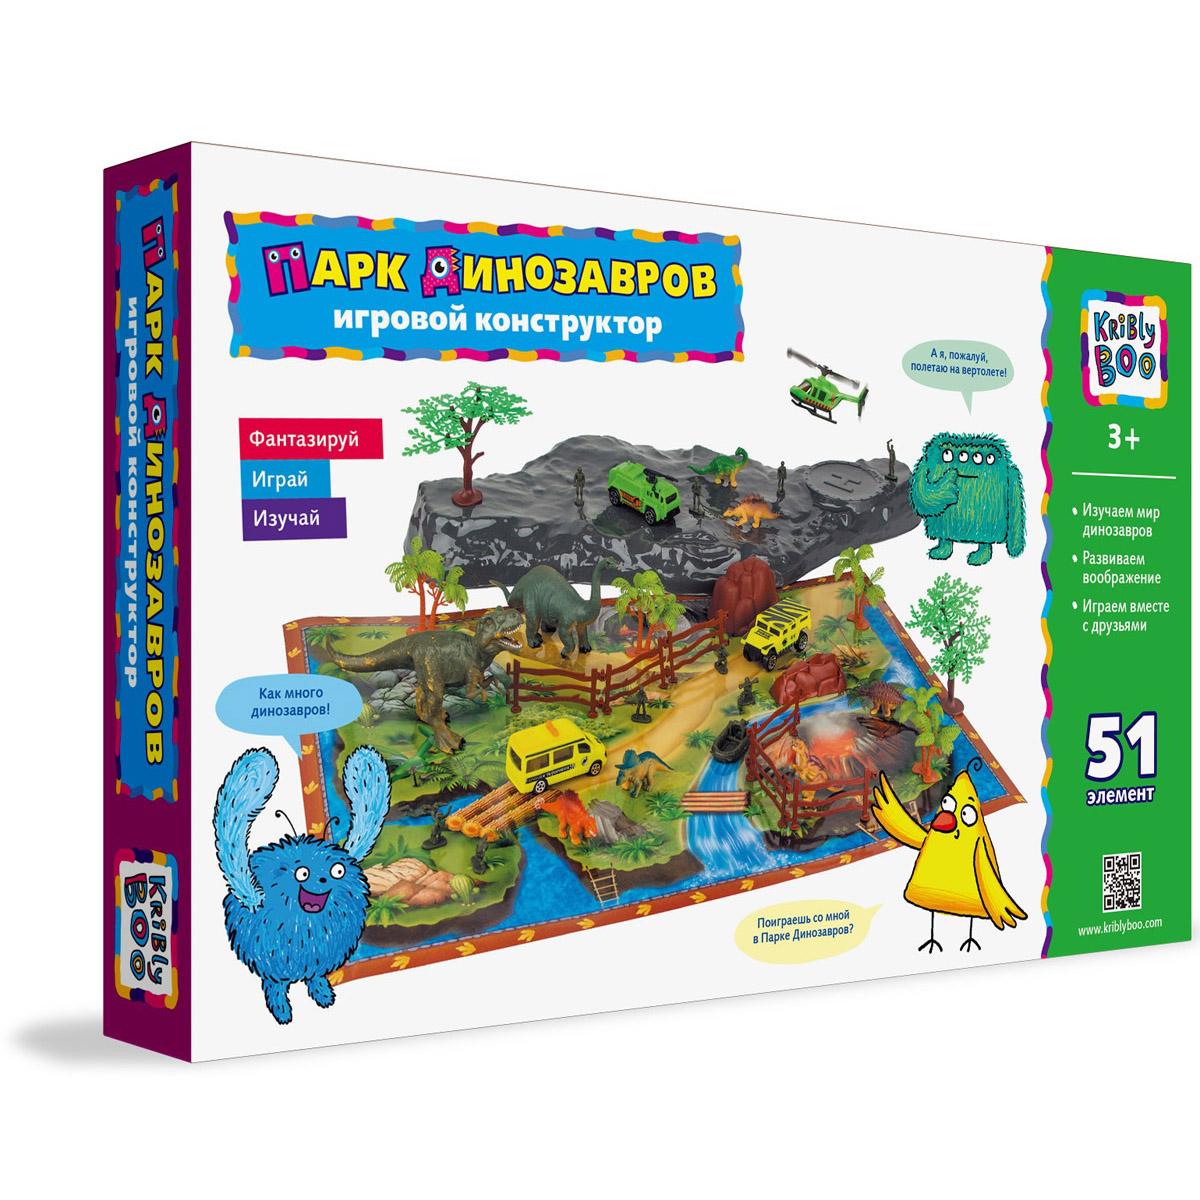 Игровой конструктор Kribly Boo Парк динозавров<br>